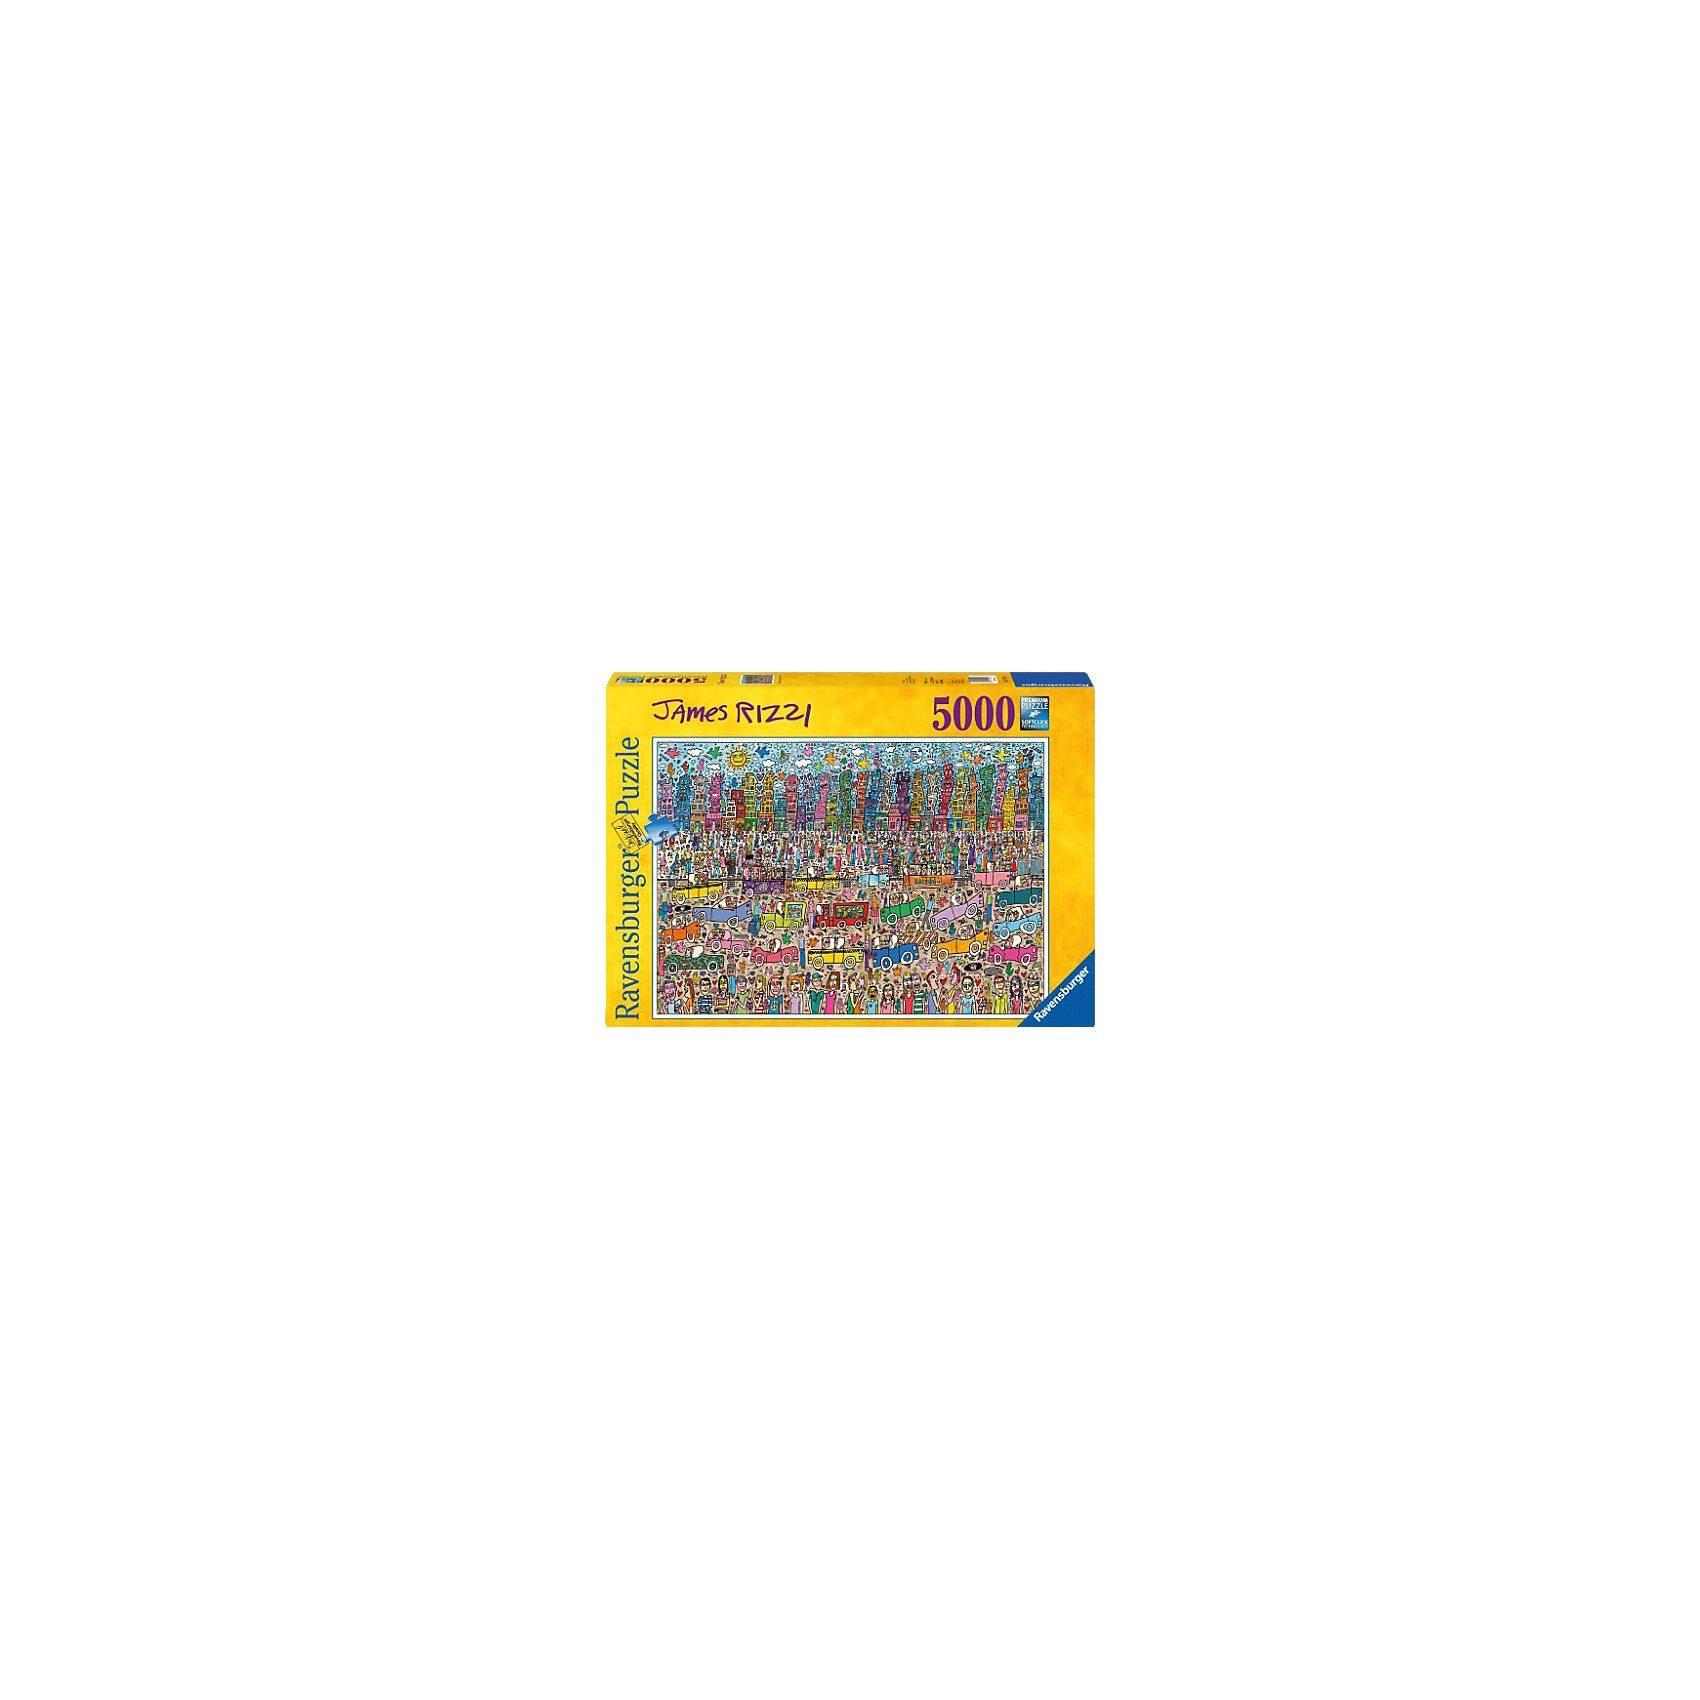 Ravensburger James Rizzi - 5000 Teile Puzzle